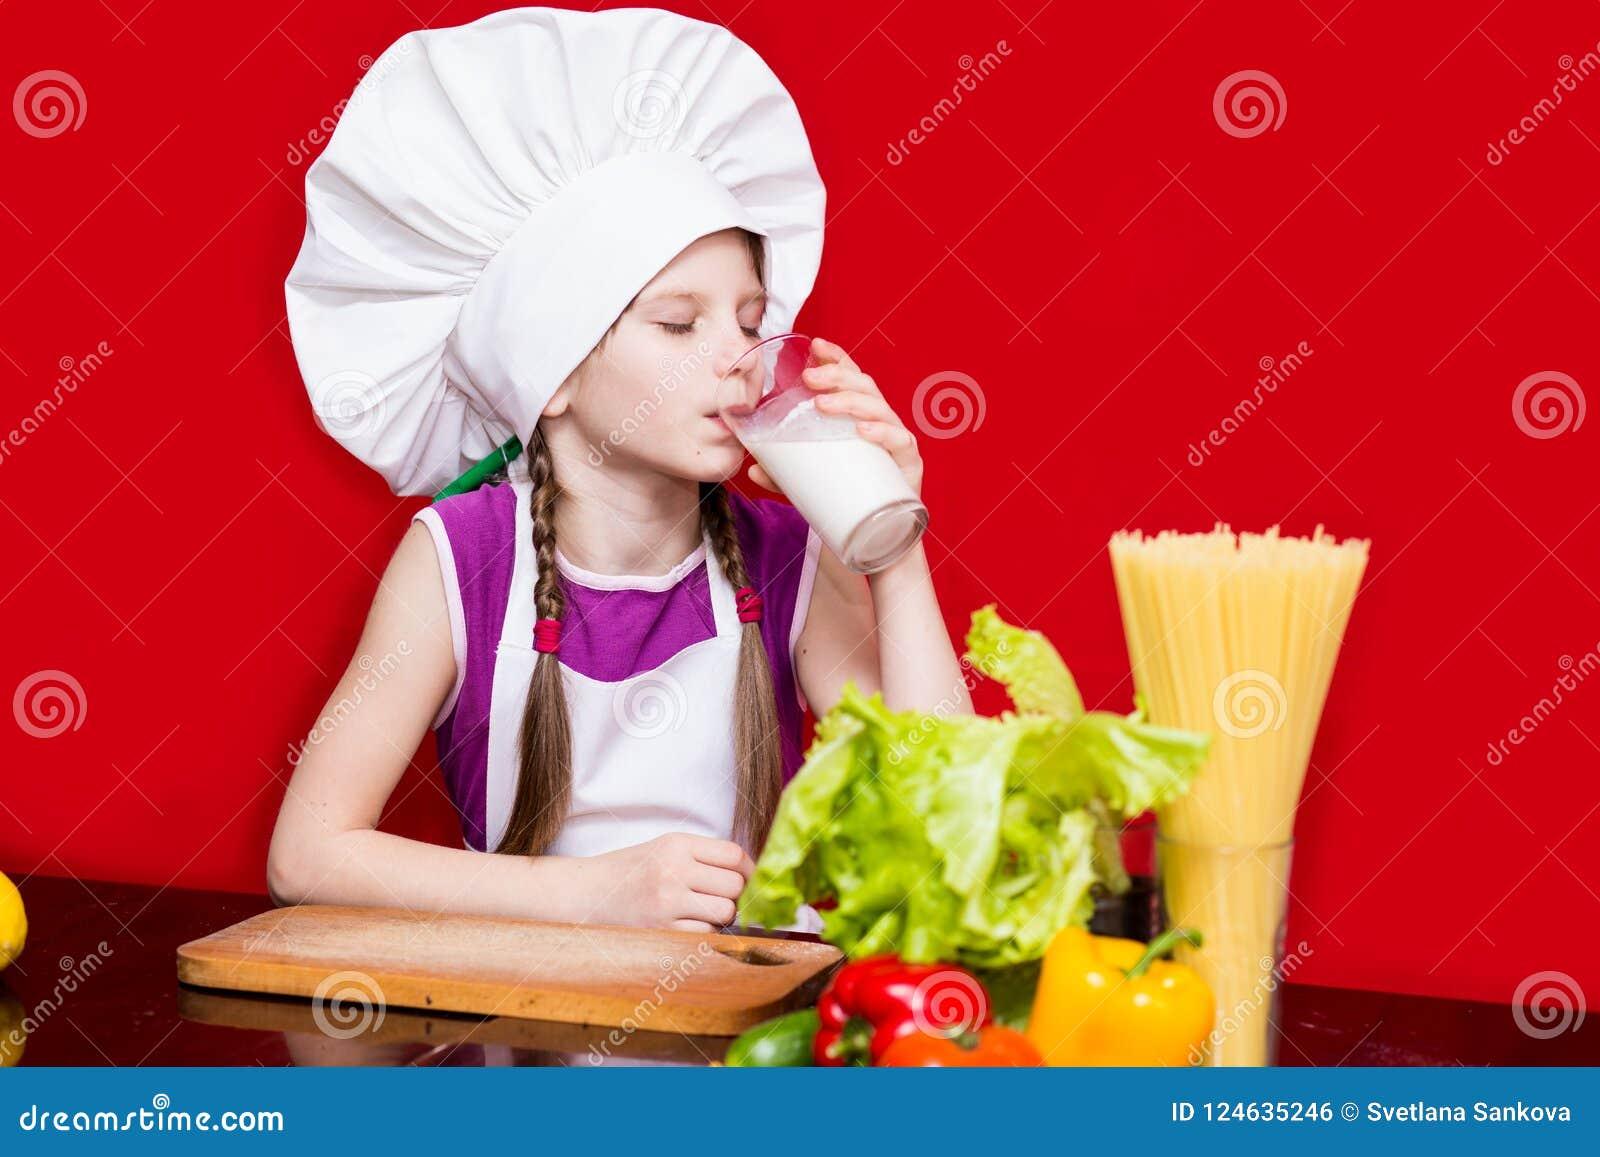 Το πορτρέτο του όμορφου μικρού κοριτσιού με μορφή μάγειρα που απομονώνεται στο κόκκινο πίνει το γάλα